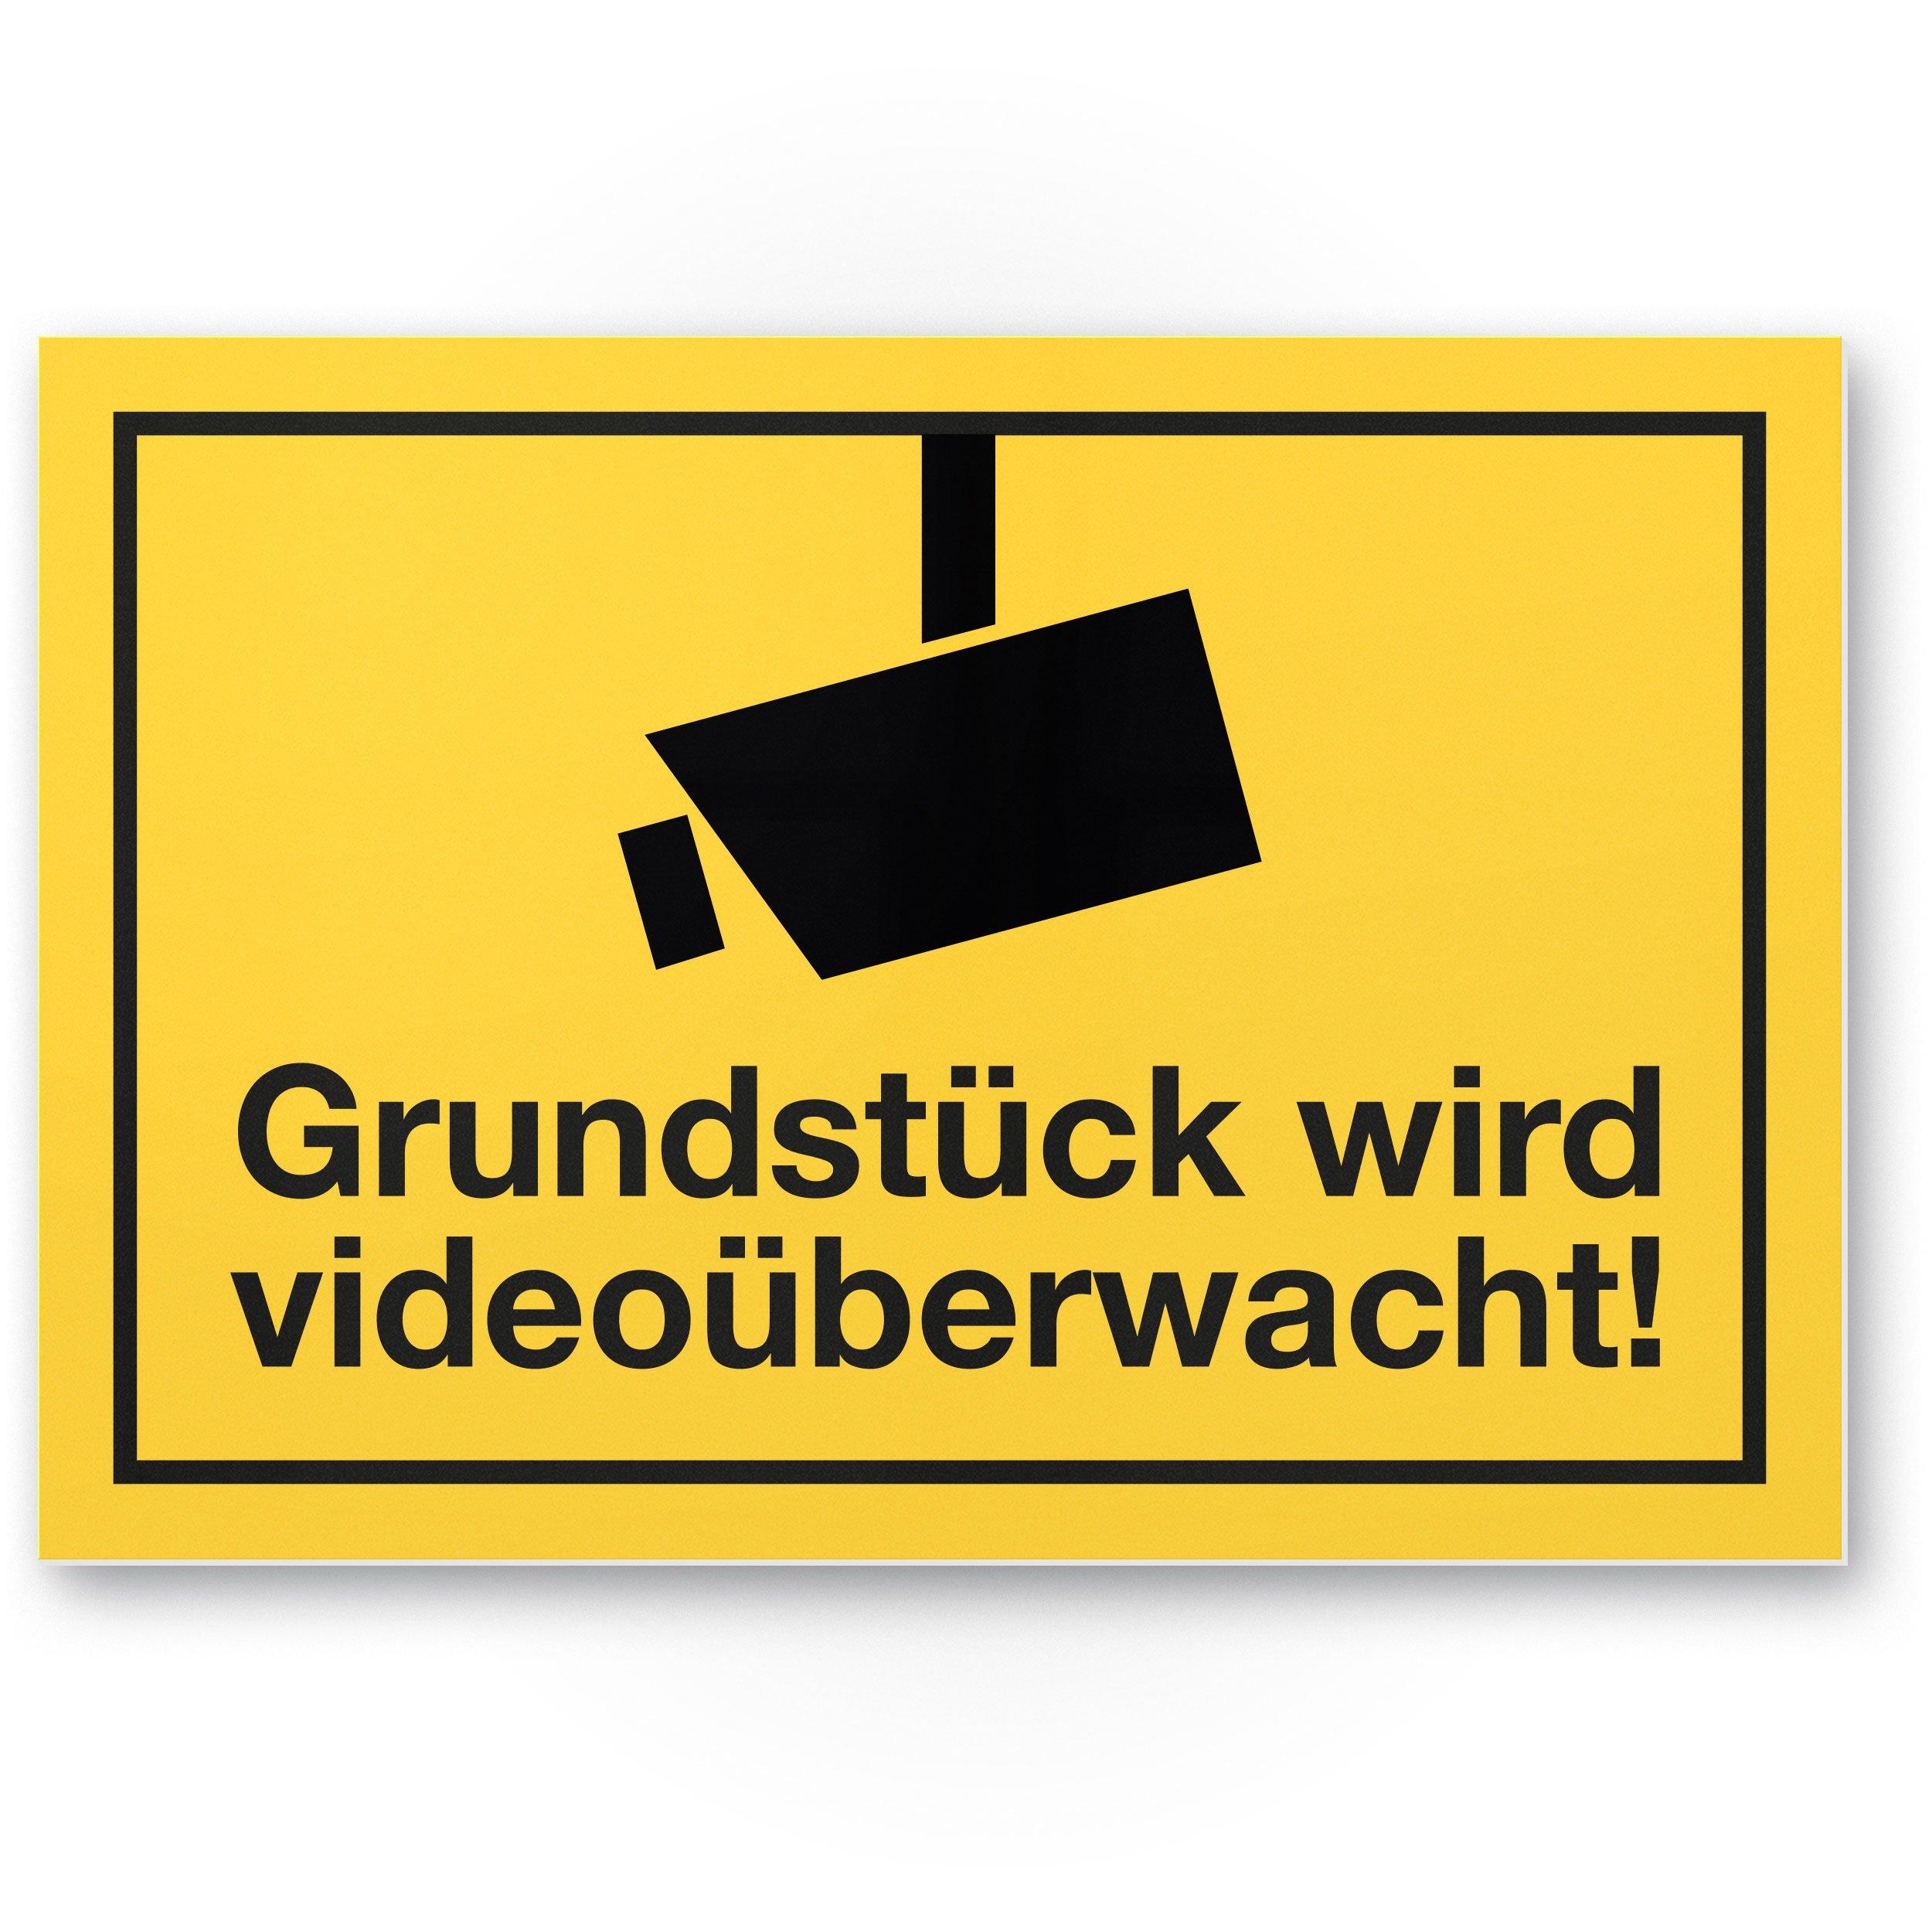 verstellbar wetterfest langlebig ISITO Sicherheitsnetz f/ür Kinder wasserdicht f/ür Kind//Baby // Kleinkind f/ür Balkon und Treppengel/änder 3M